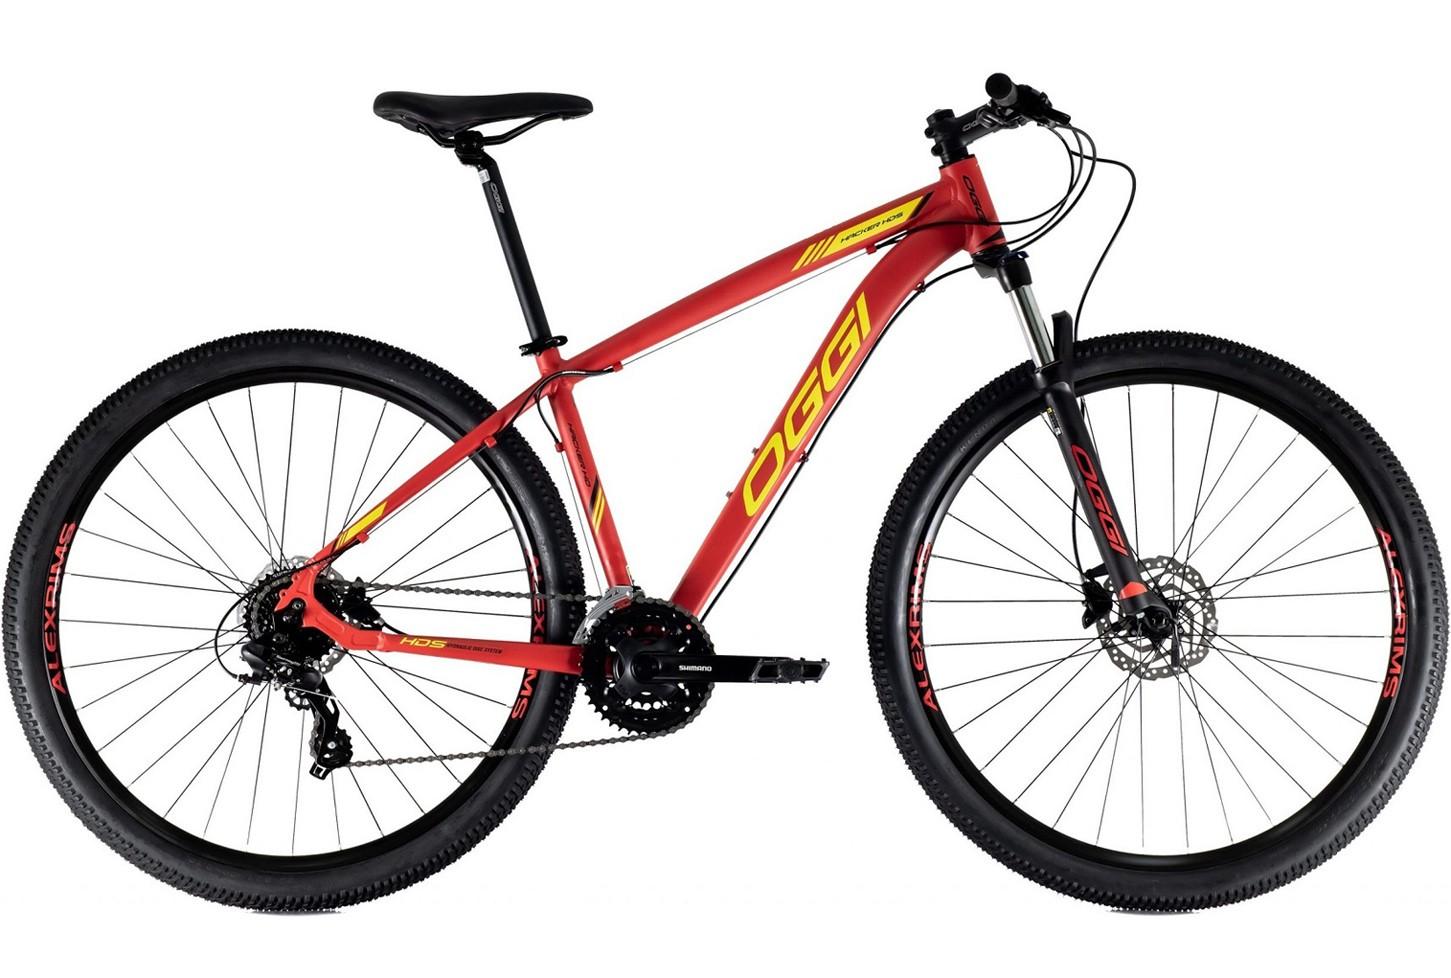 BICICLETA 29 OGGI HACKER HDS 3x8 V. HIDRÁULICO VERMELHO/AMARELO (2021)